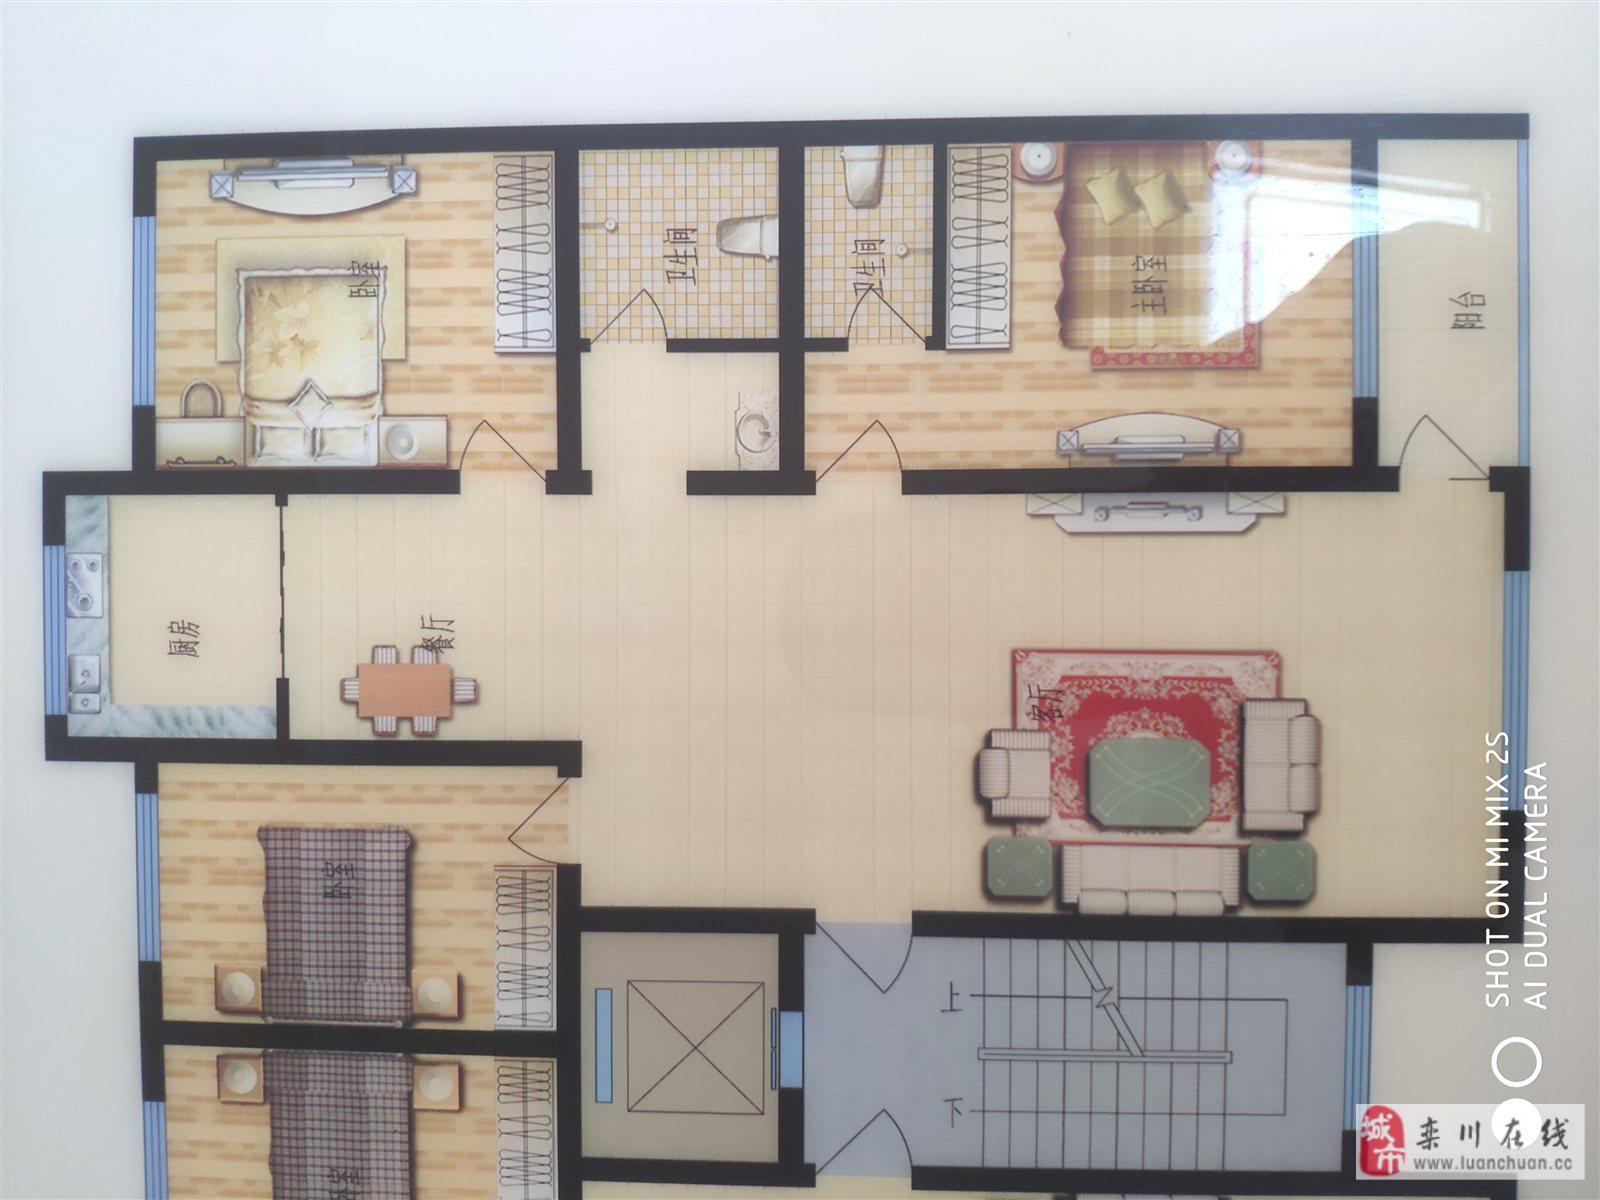 碧岭华庭二期新电梯房毛坯3室 2厅 2卫42万元